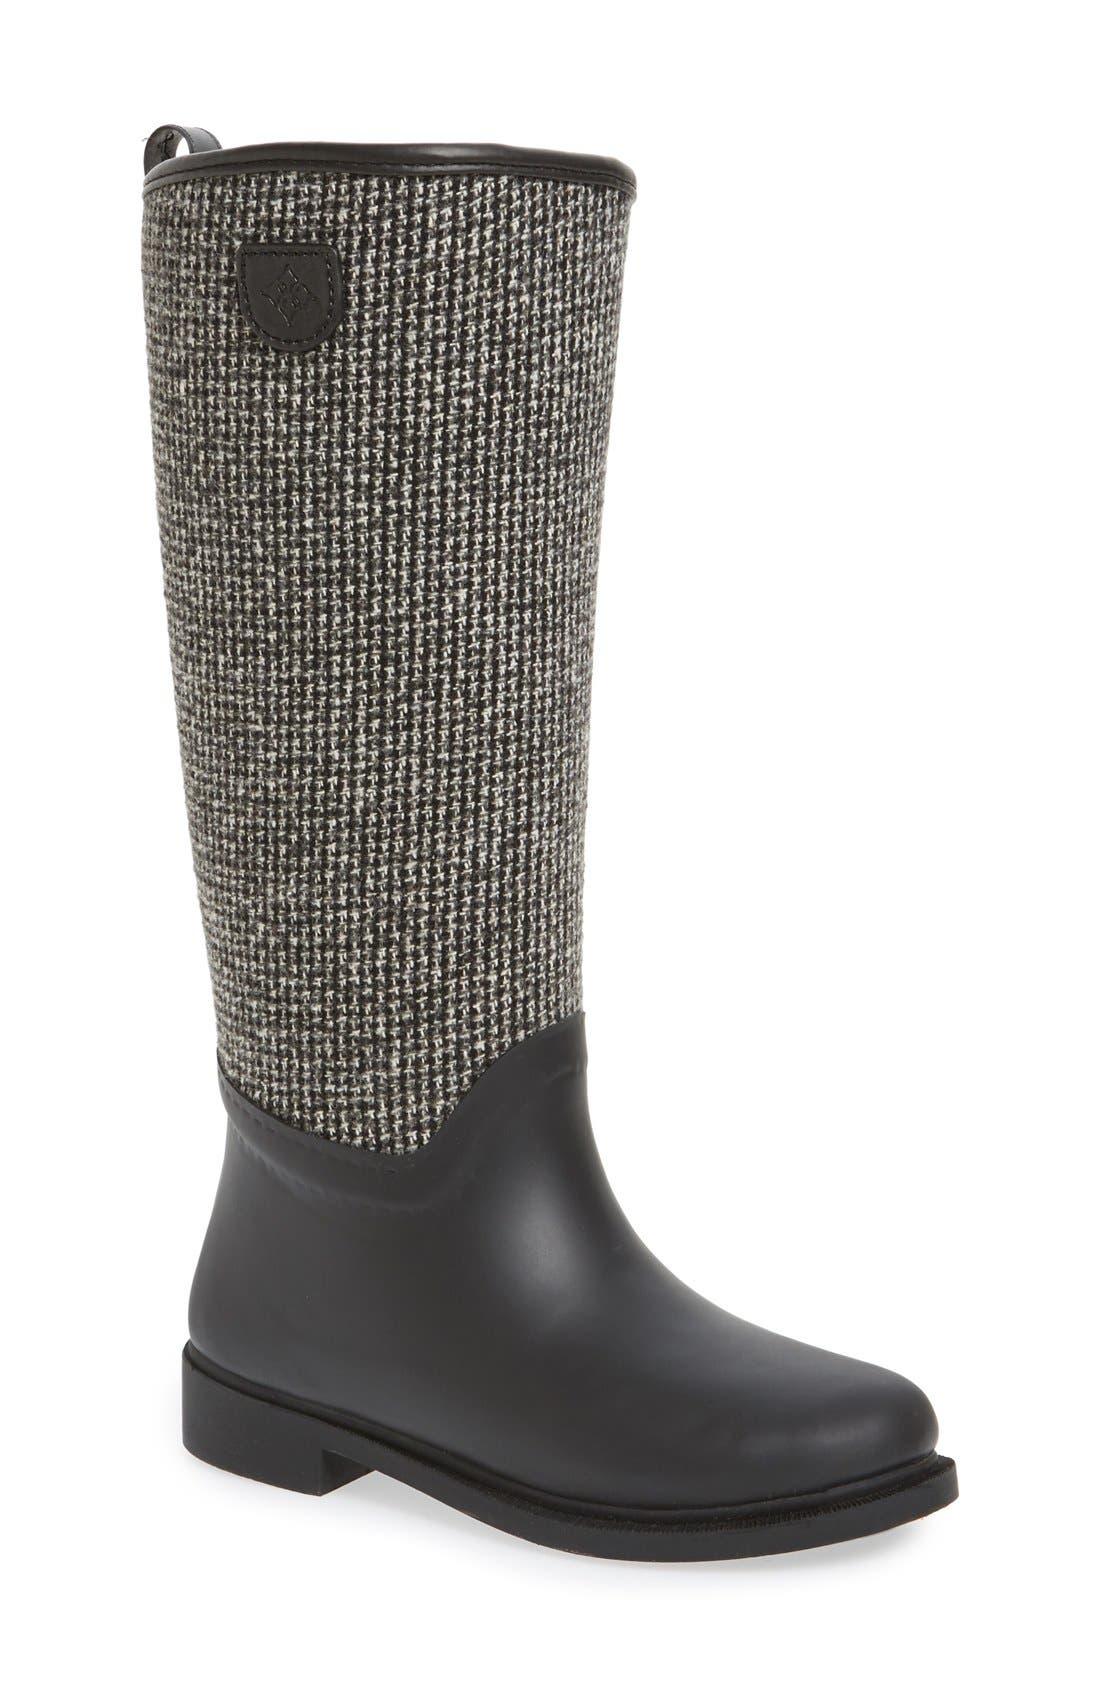 DÄV Cardiff Tweed Knee High Waterproof Rain Boot, Main, color, BLACK